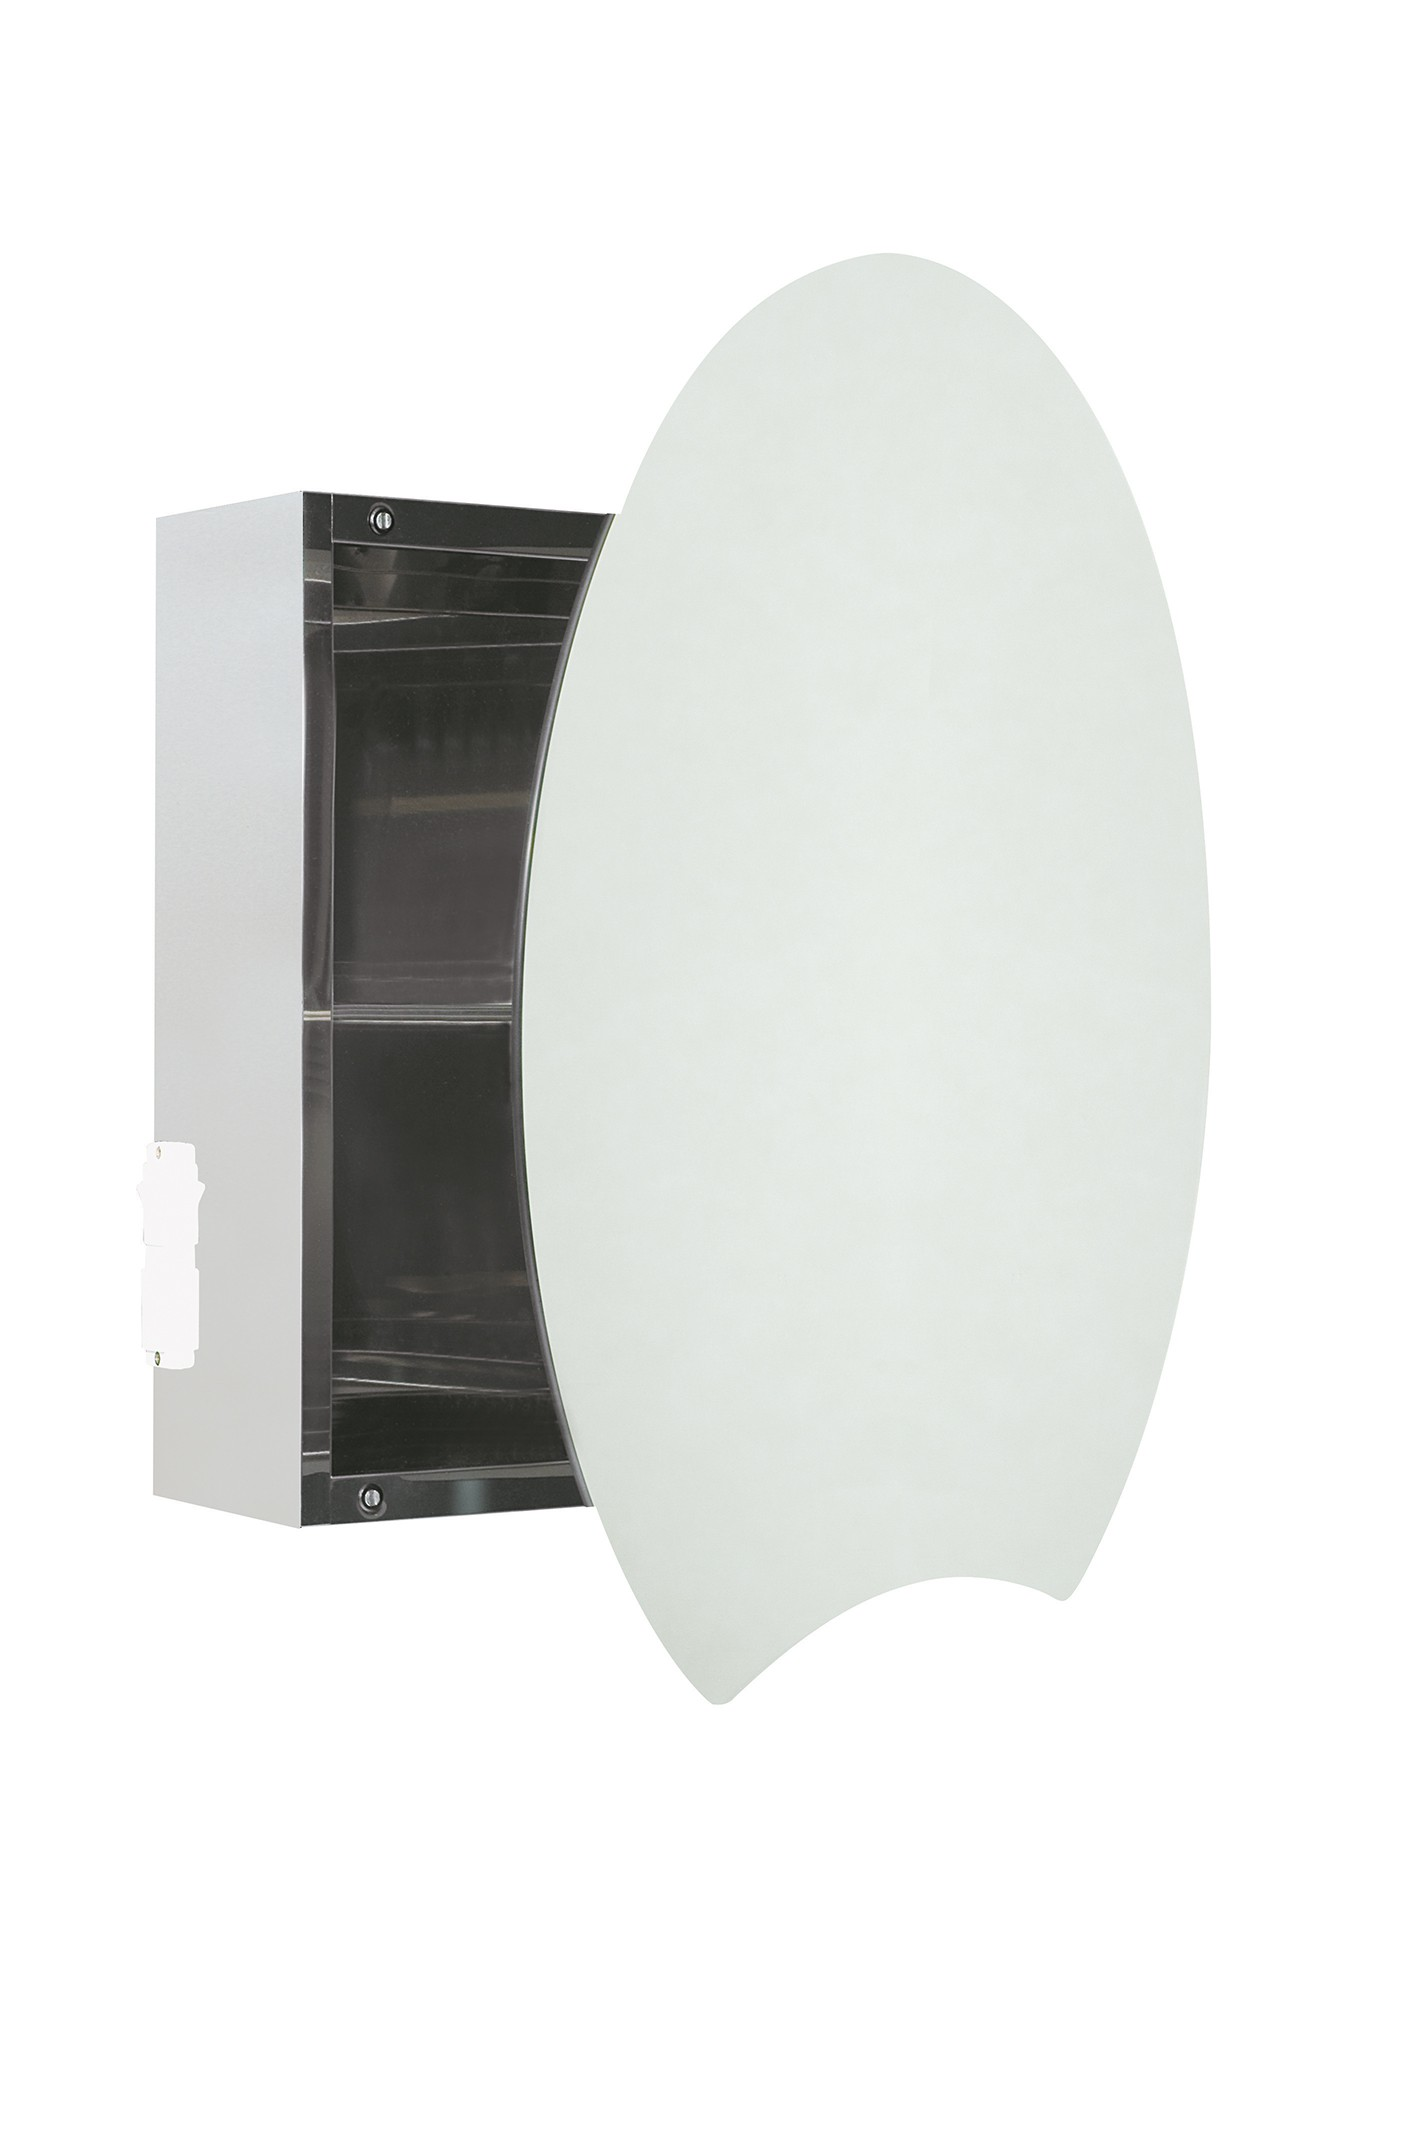 stilhaus arredo bagno - accessori da bagno - edilceramiche di maccanò - Arredo Bagno Specchio Contenitore